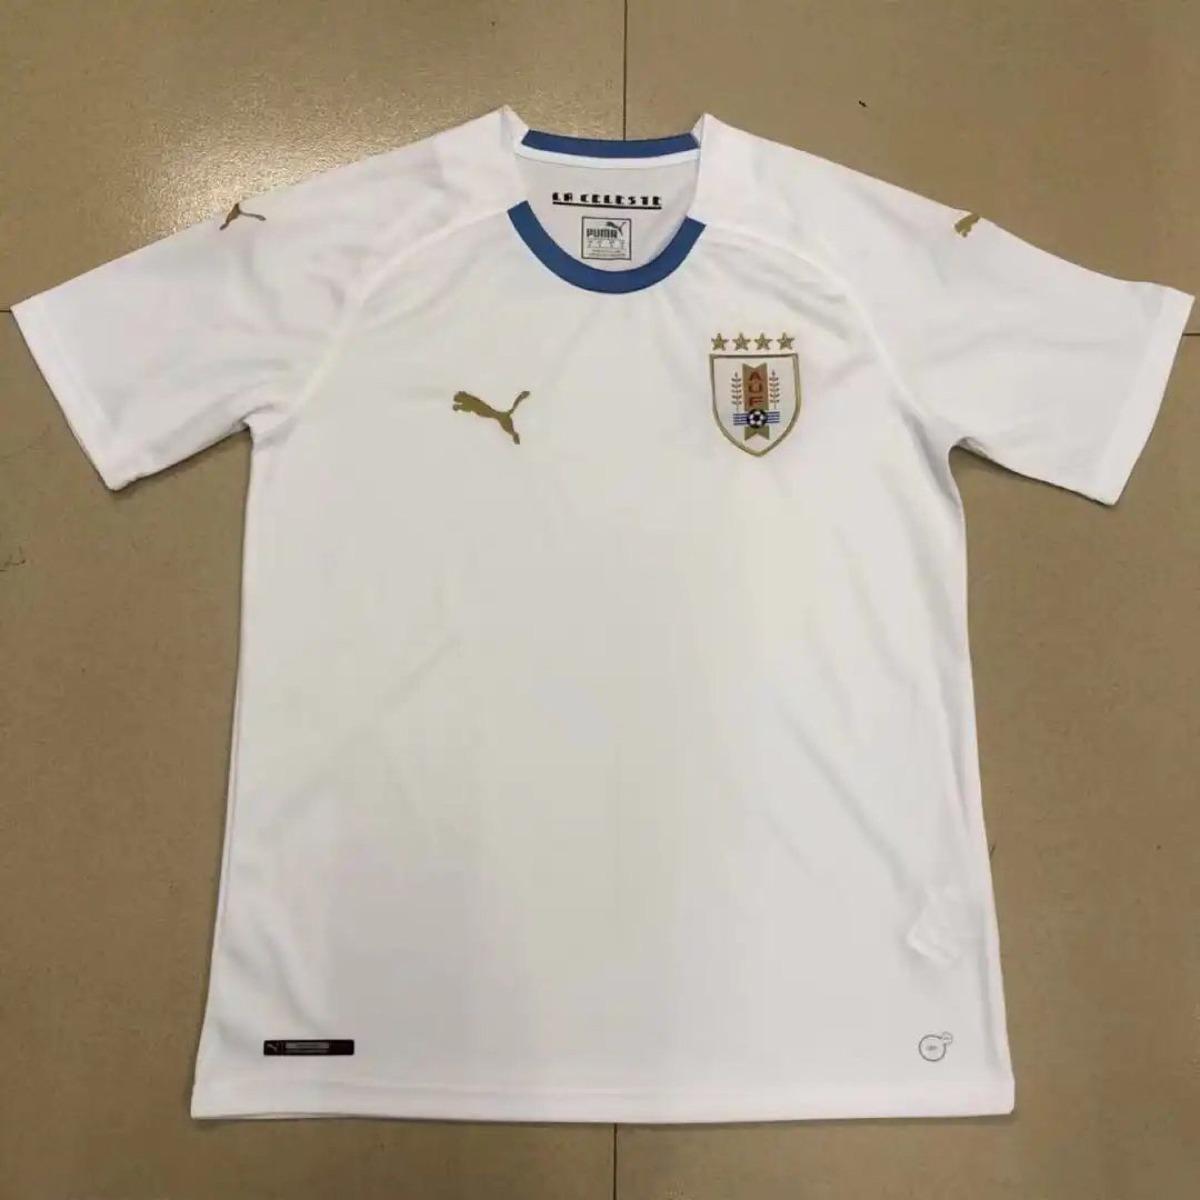 5eb7be2919 camiseta alternativa uruguay puma 2018 luis suarez. Cargando zoom.